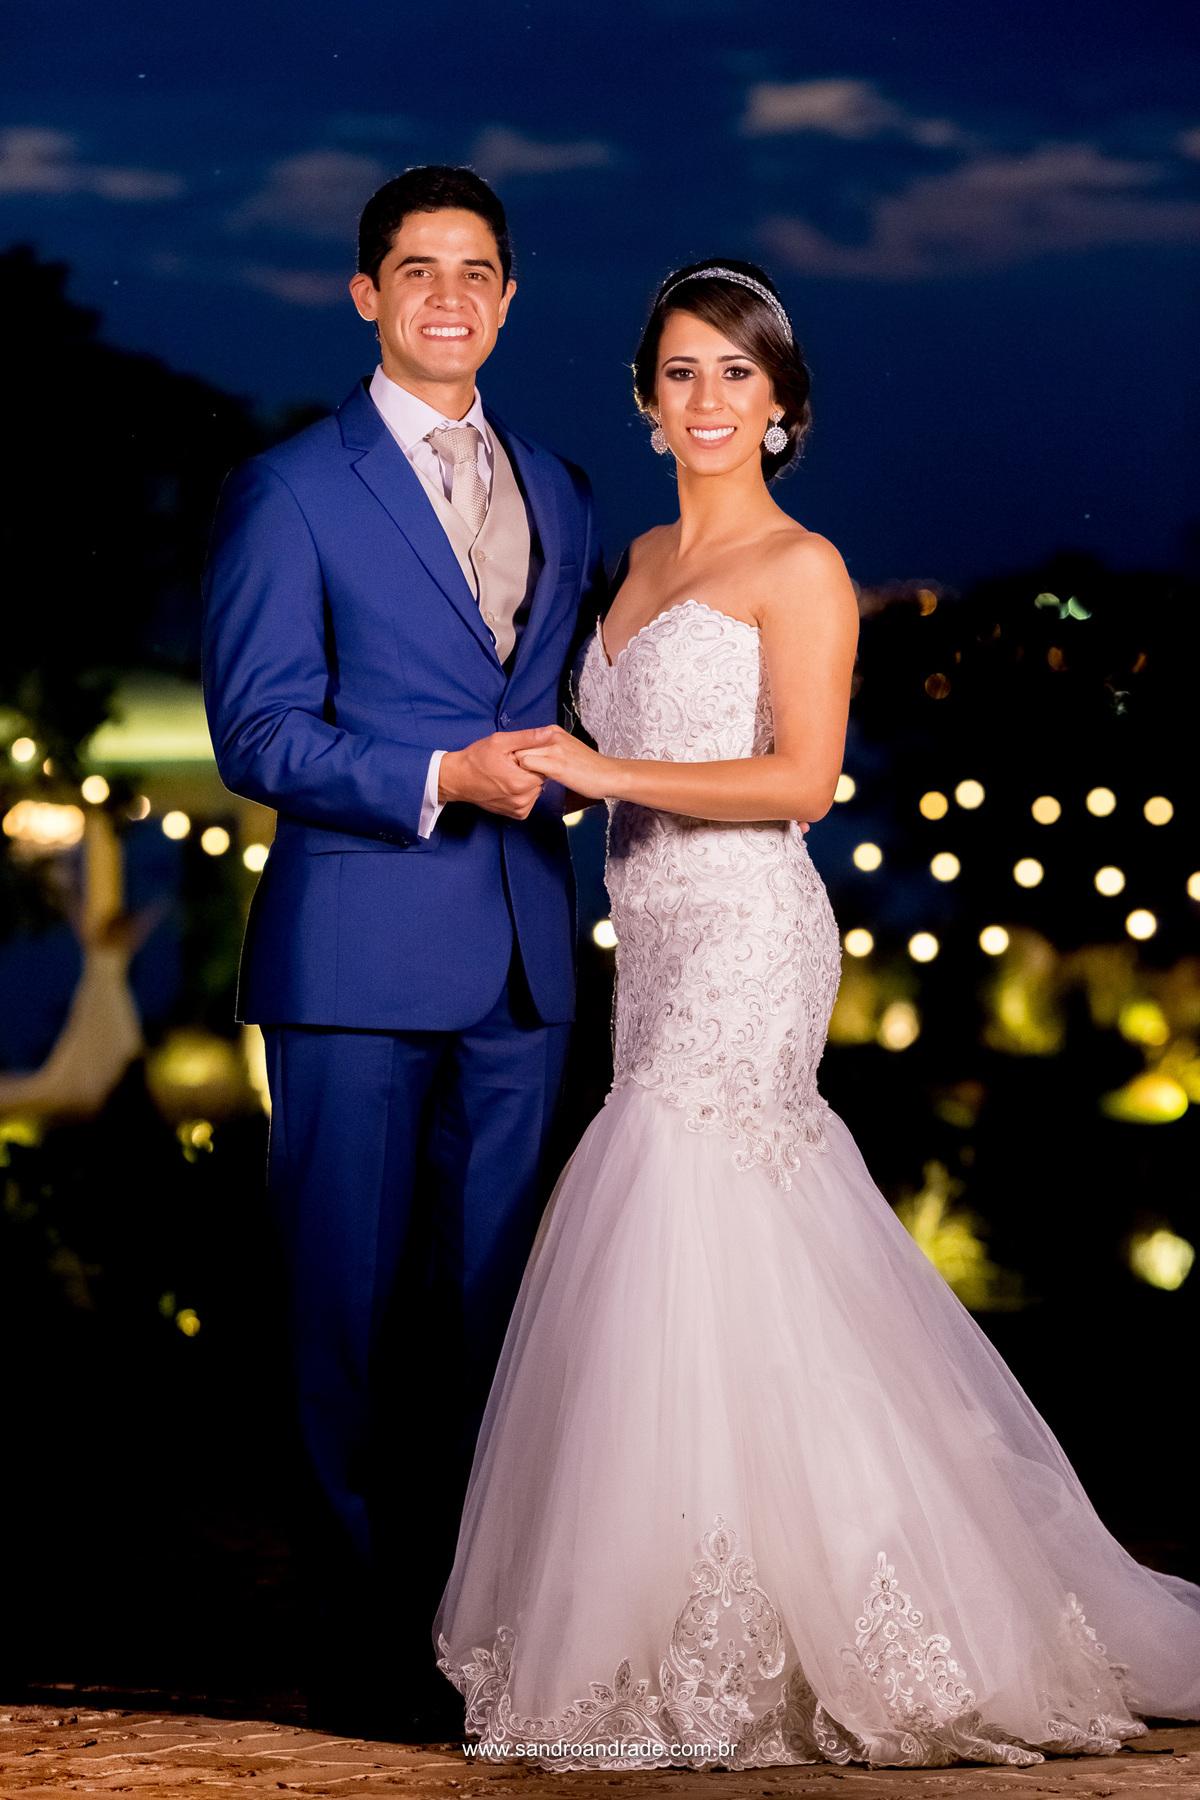 Lindos, um casal maravilhoso, retrato dos noivos feito por Sandro Andrade, fotografo de casamento BSB DF. Parece até fotografia da realeza, rsrs